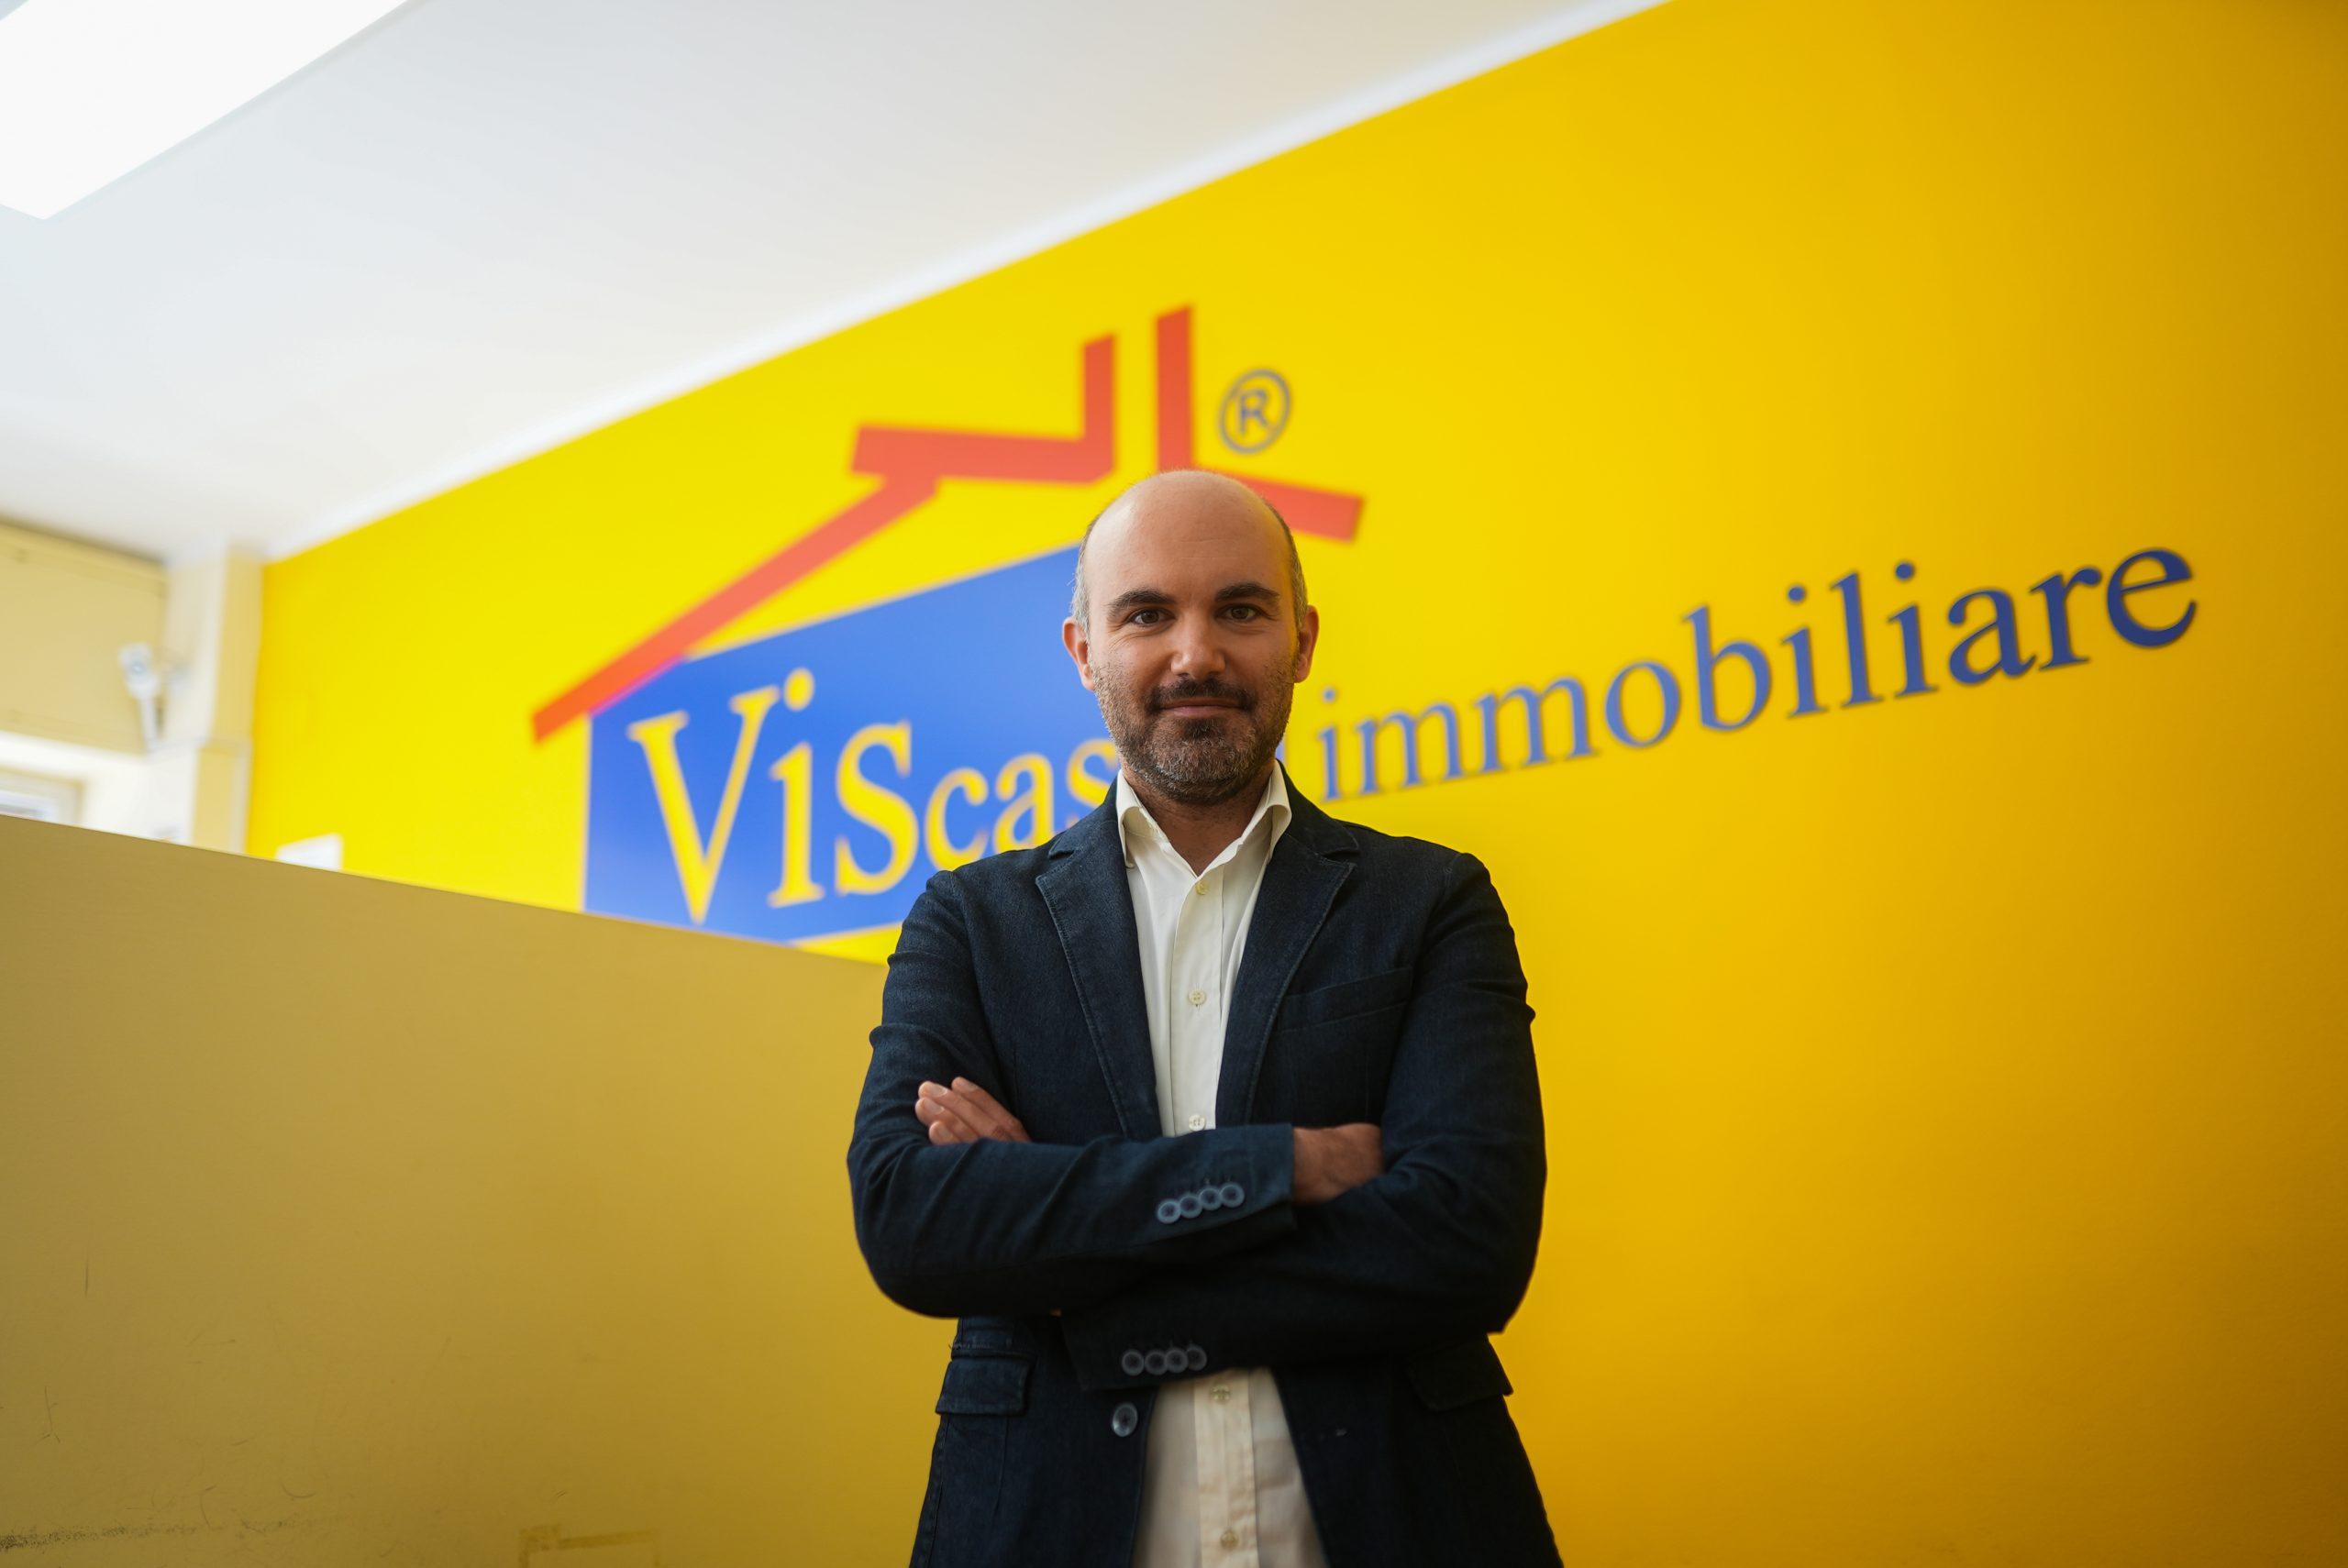 Claudio Viscardi